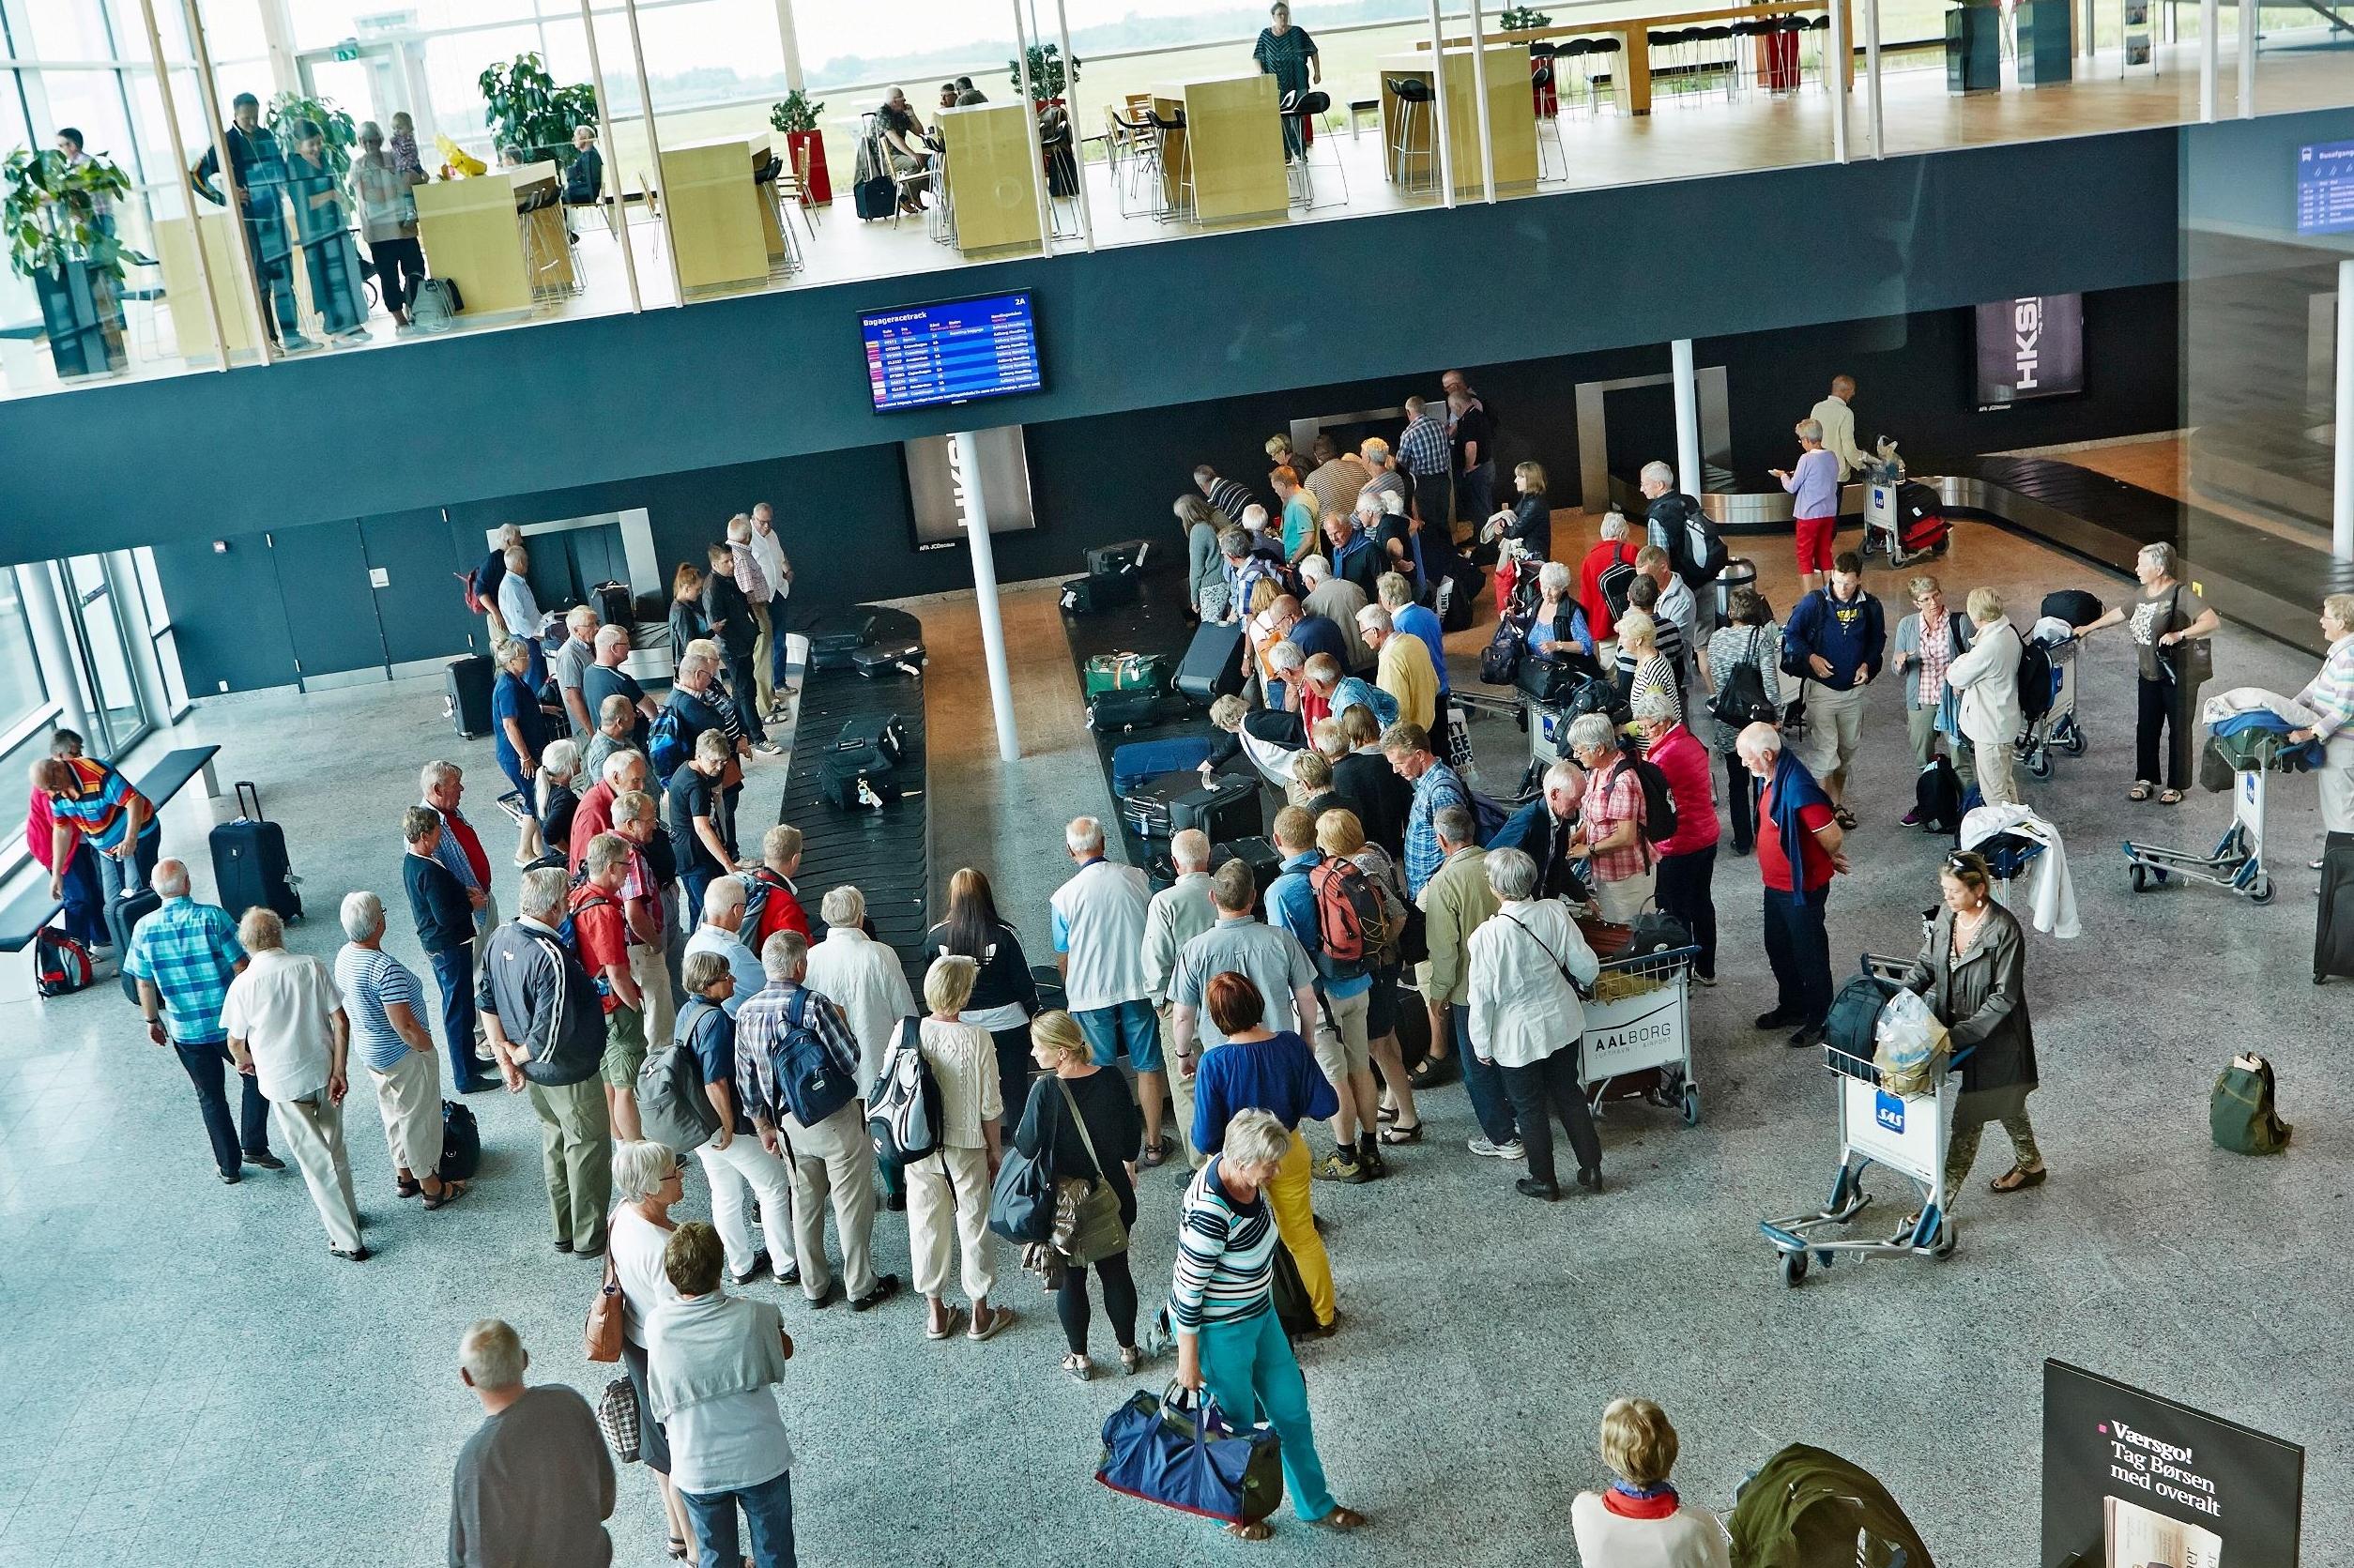 De største danske rejsebureauer omsatte sidste år for over 30 milliarder kroner, hvilket er ny rekord. Her er det flypassagerer i Aalborg Lufthavn. Pressefoto: Aalborg Lufthavn.